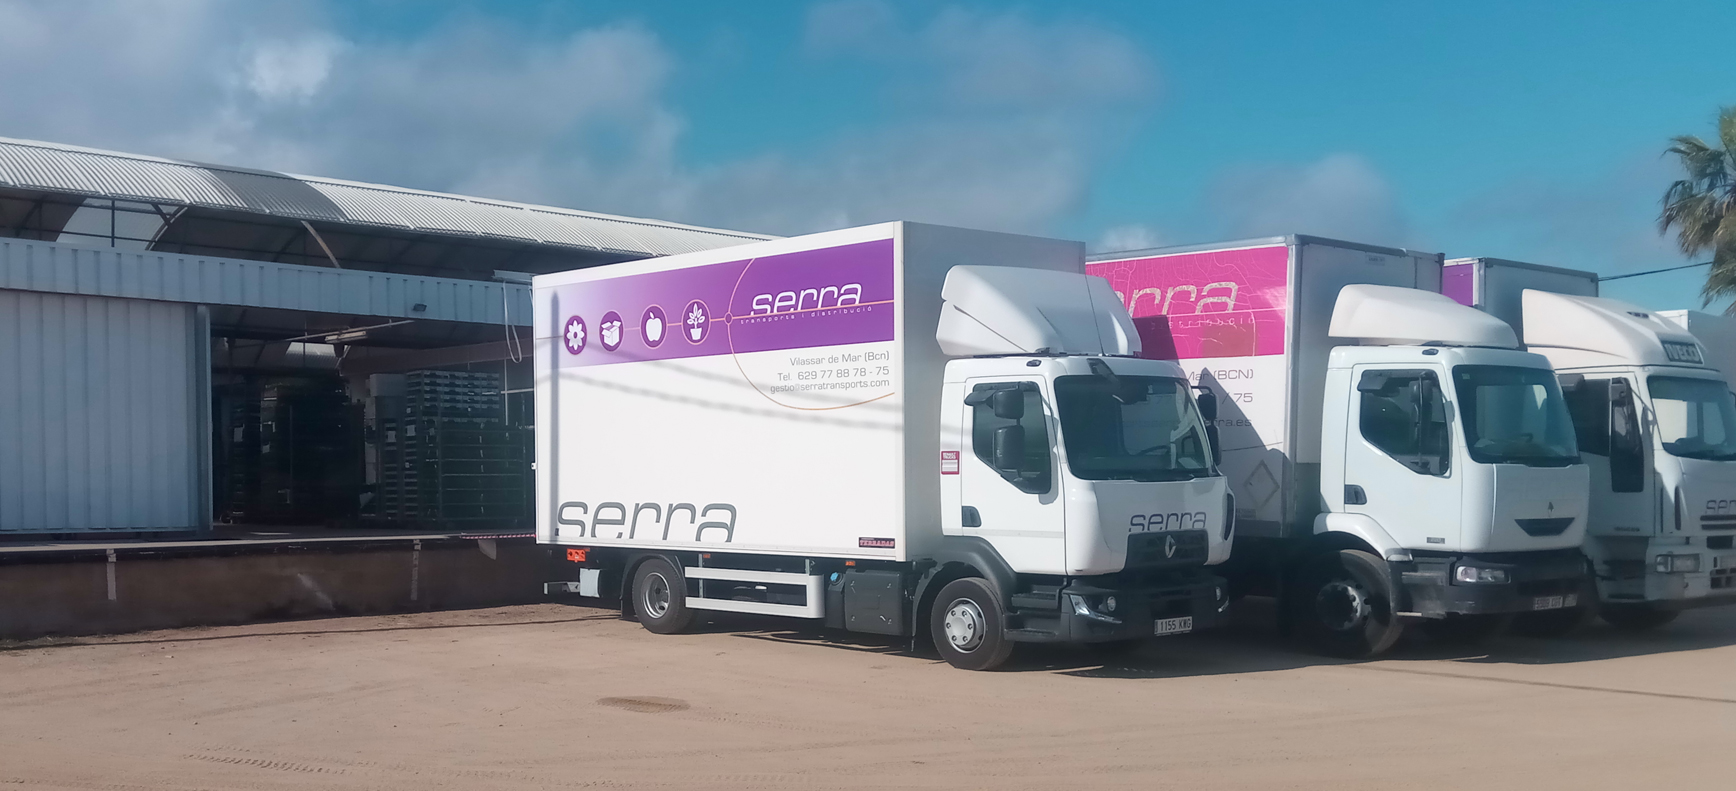 transports-serra